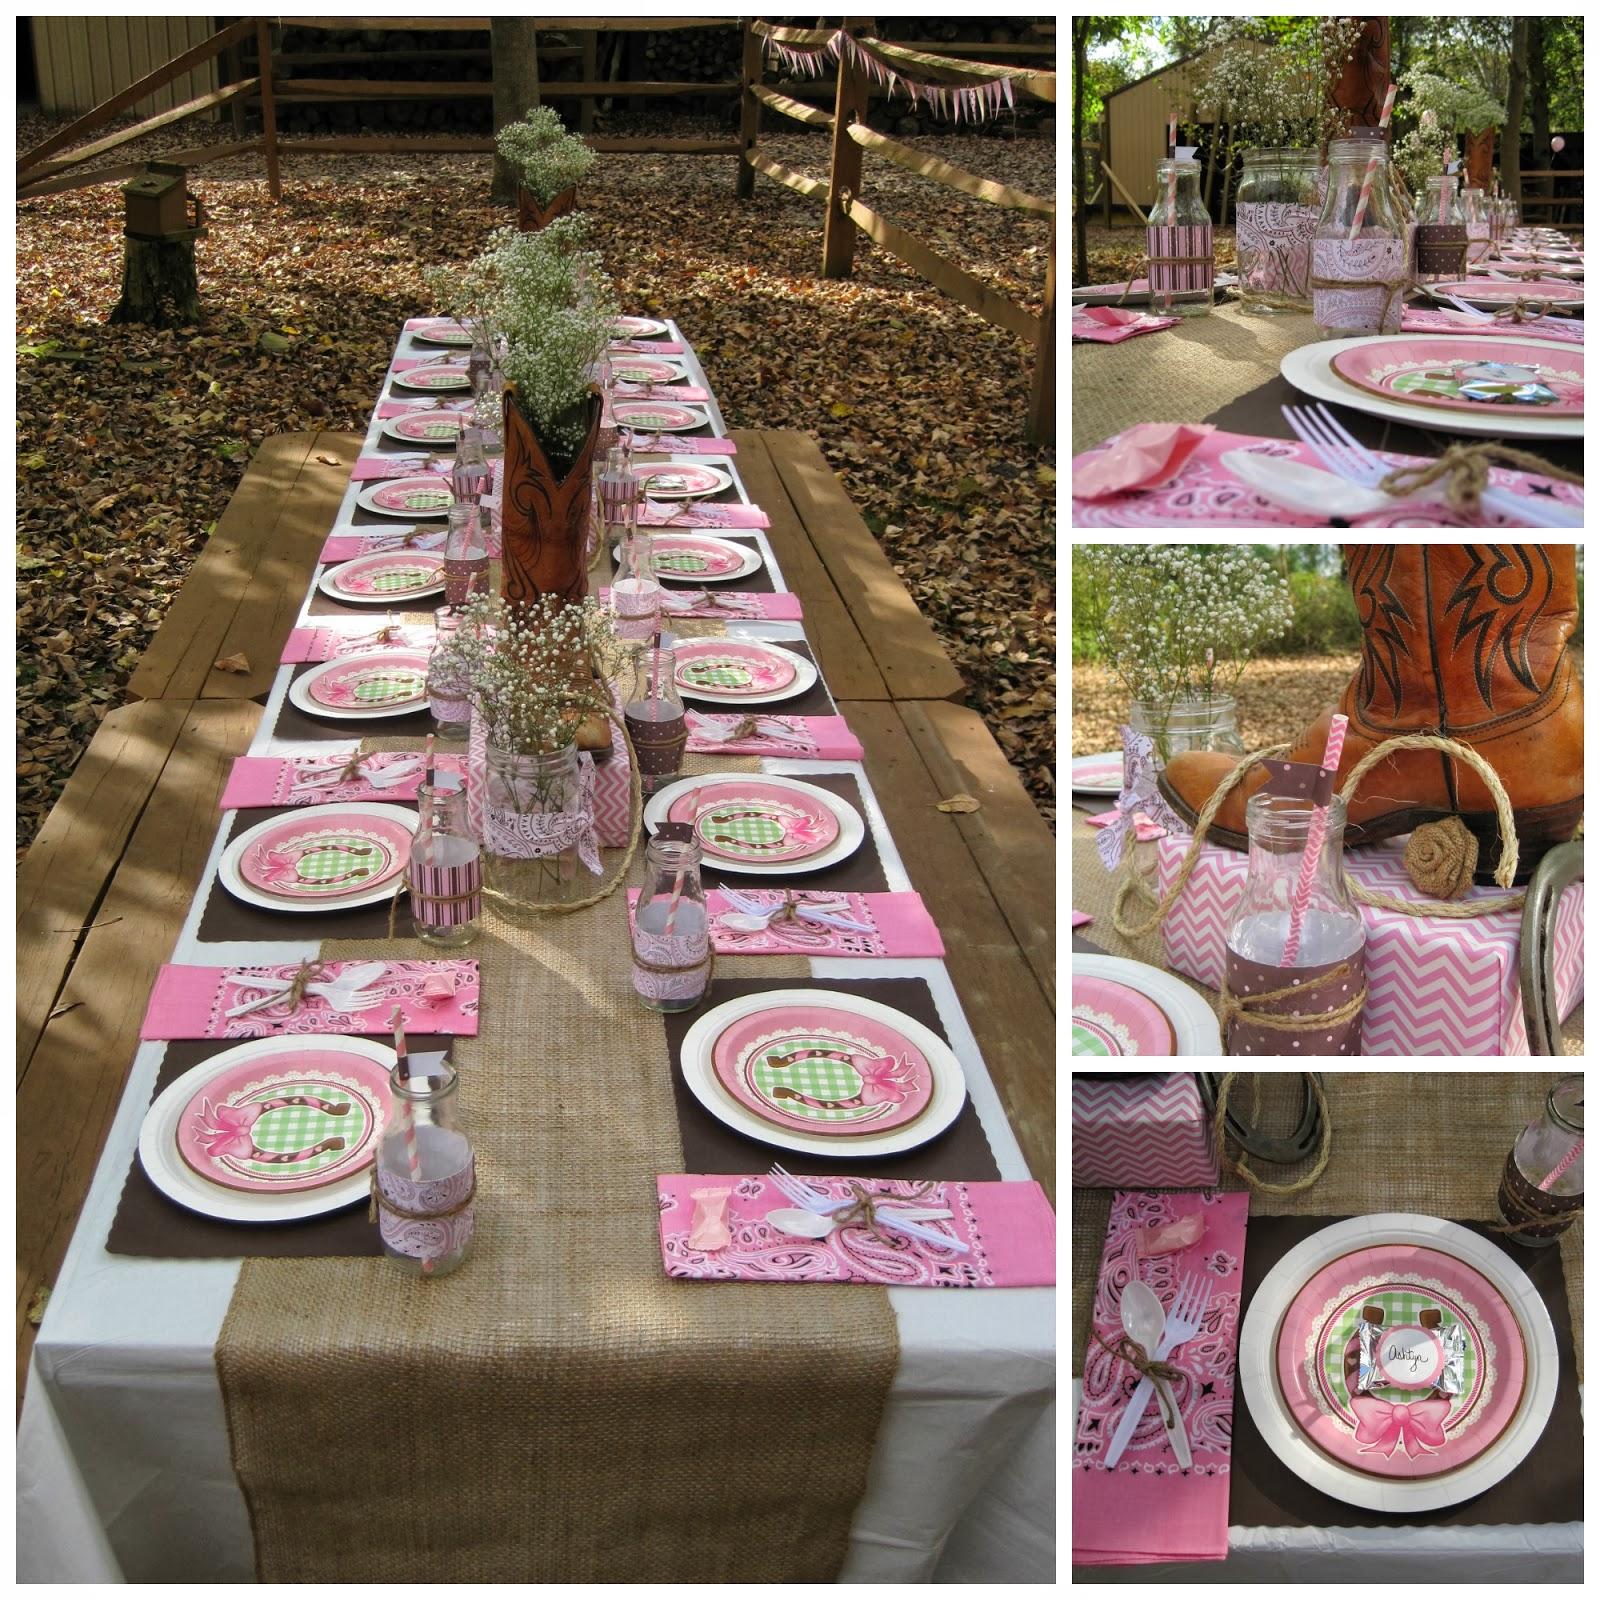 Cowgirl Birthday Decorations Nbrynn Lets Party Yall A Cowgirl Birthday